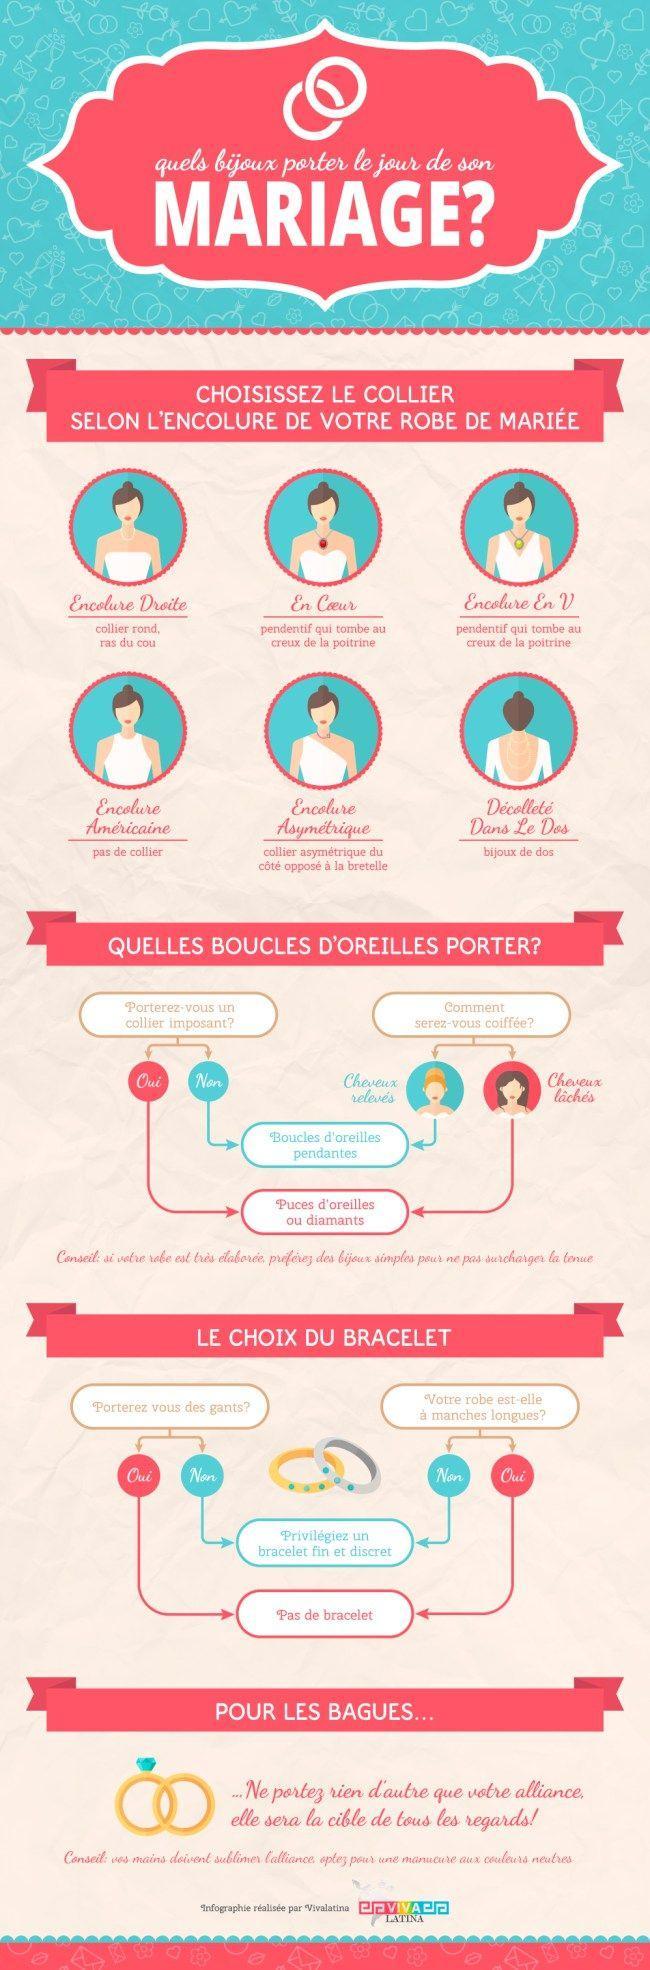 Wedding - Choisir Ses Bijoux De Mariage : Un Choix Pas Si Facile